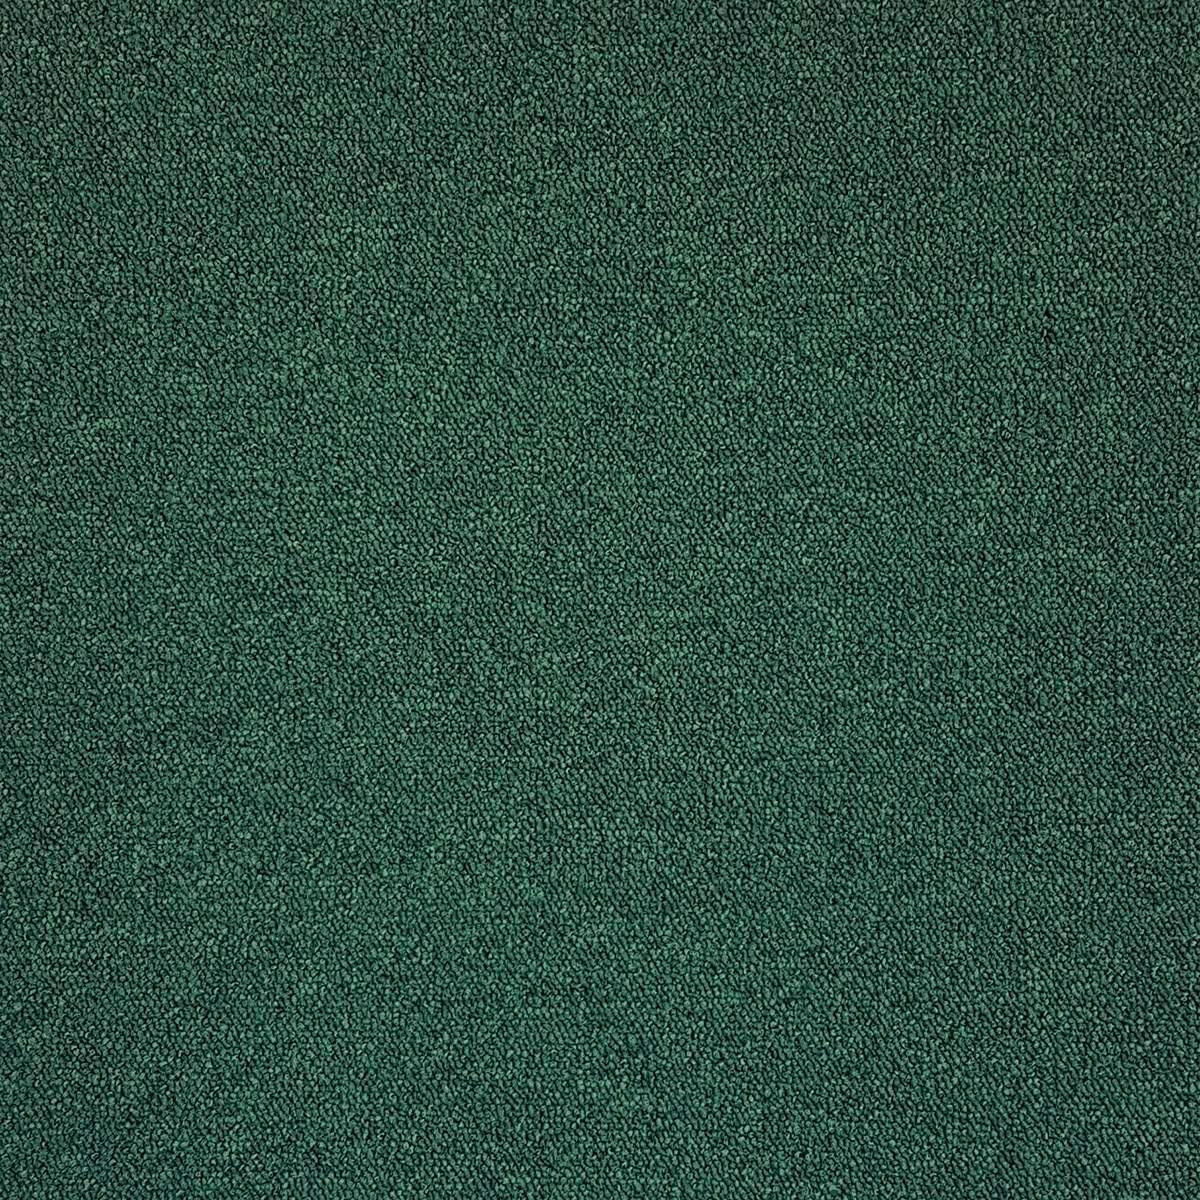 GREEN - PRIMA 112380505 00087